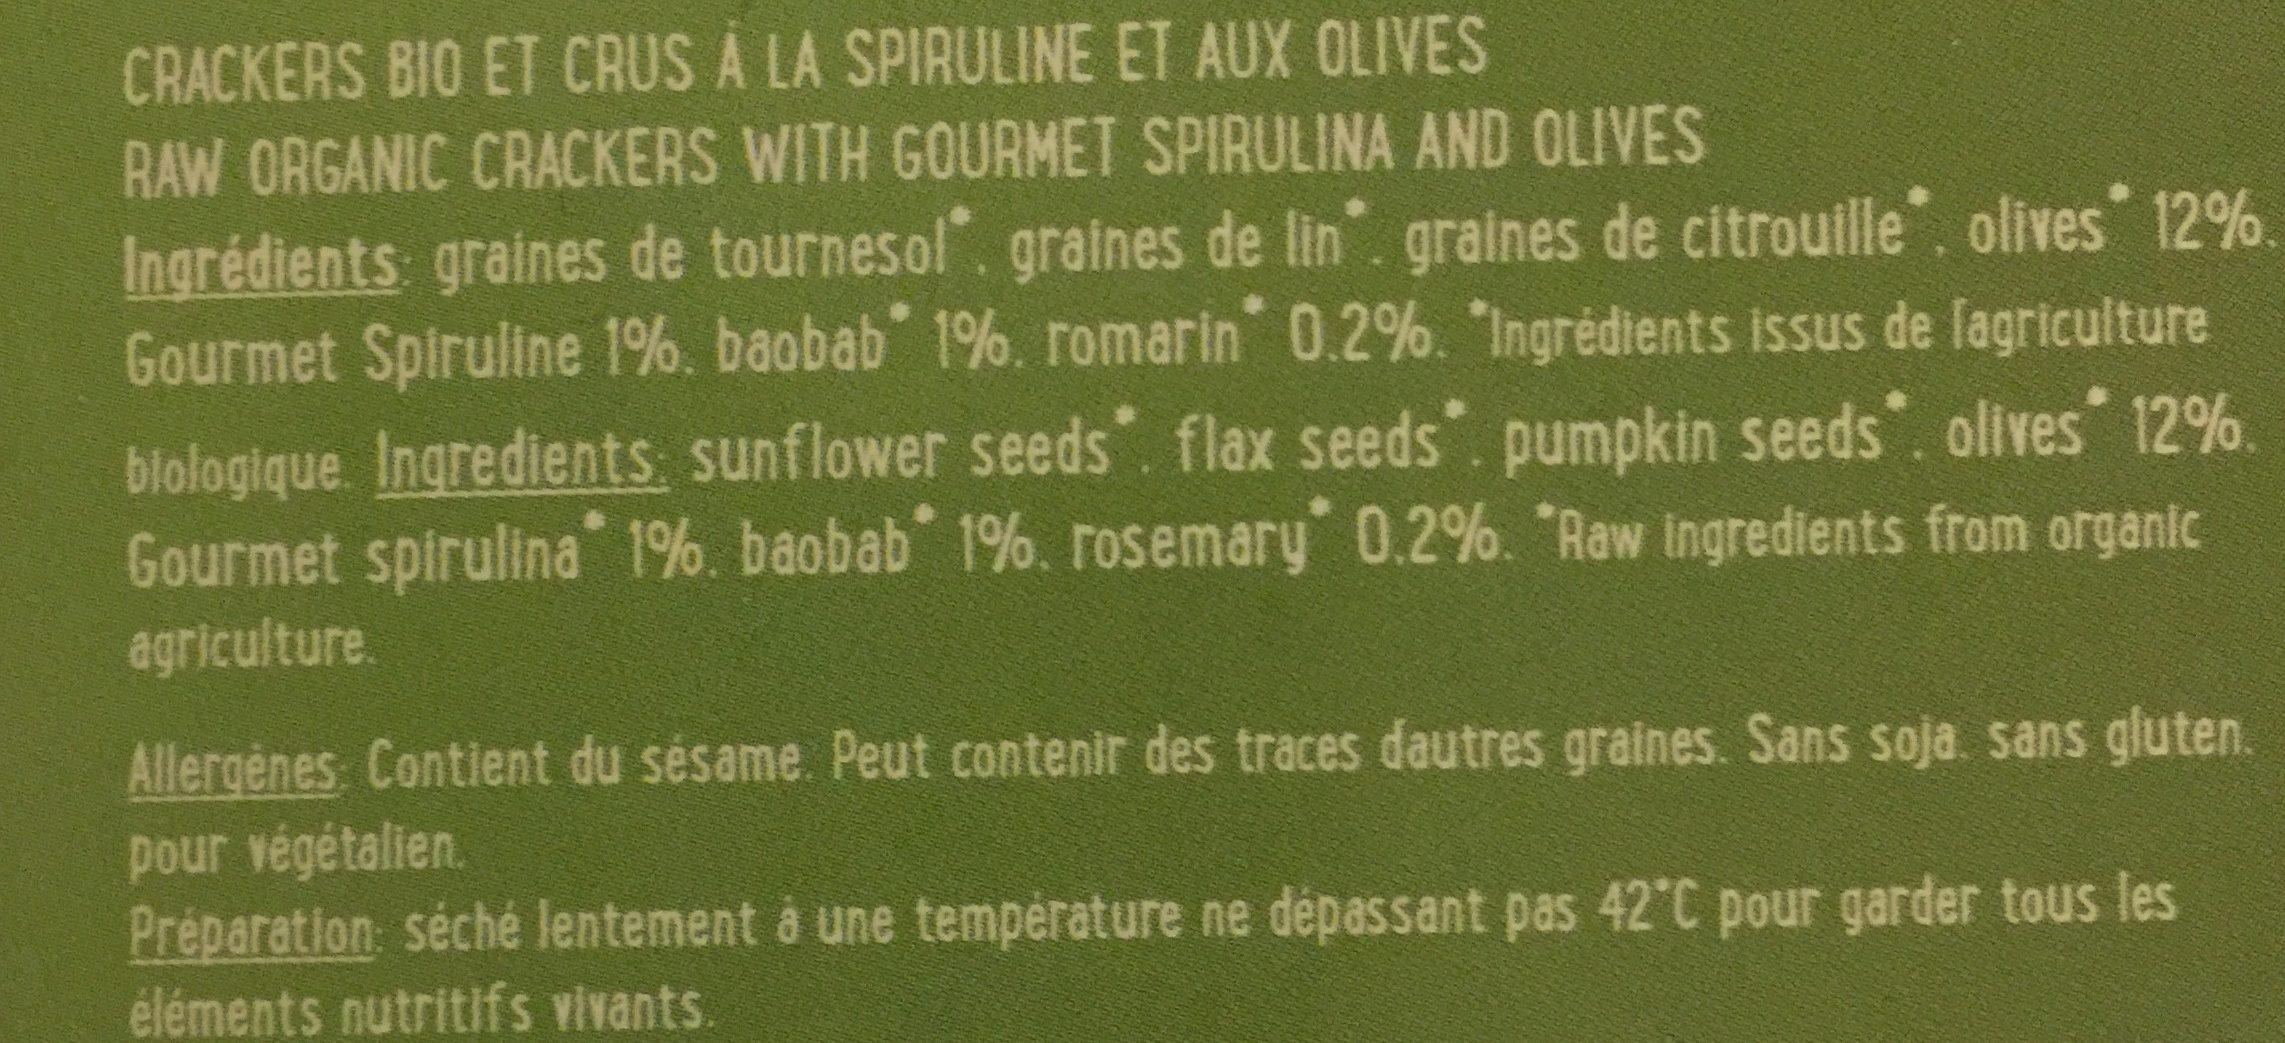 Crackers spiruline et olives - Ingredients - fr